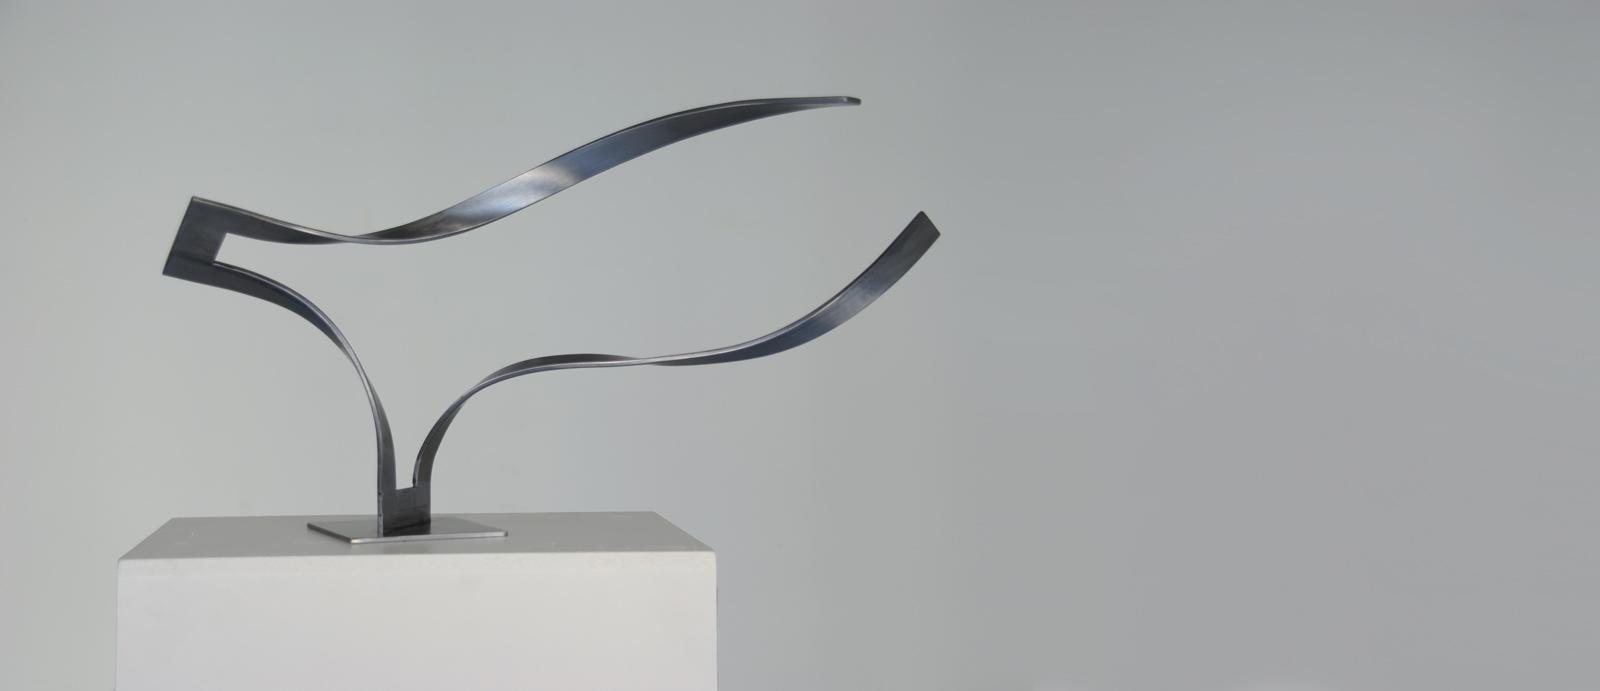 Escultura conceptual escultura abstracta p gina del - Esculturas de madera abstractas ...